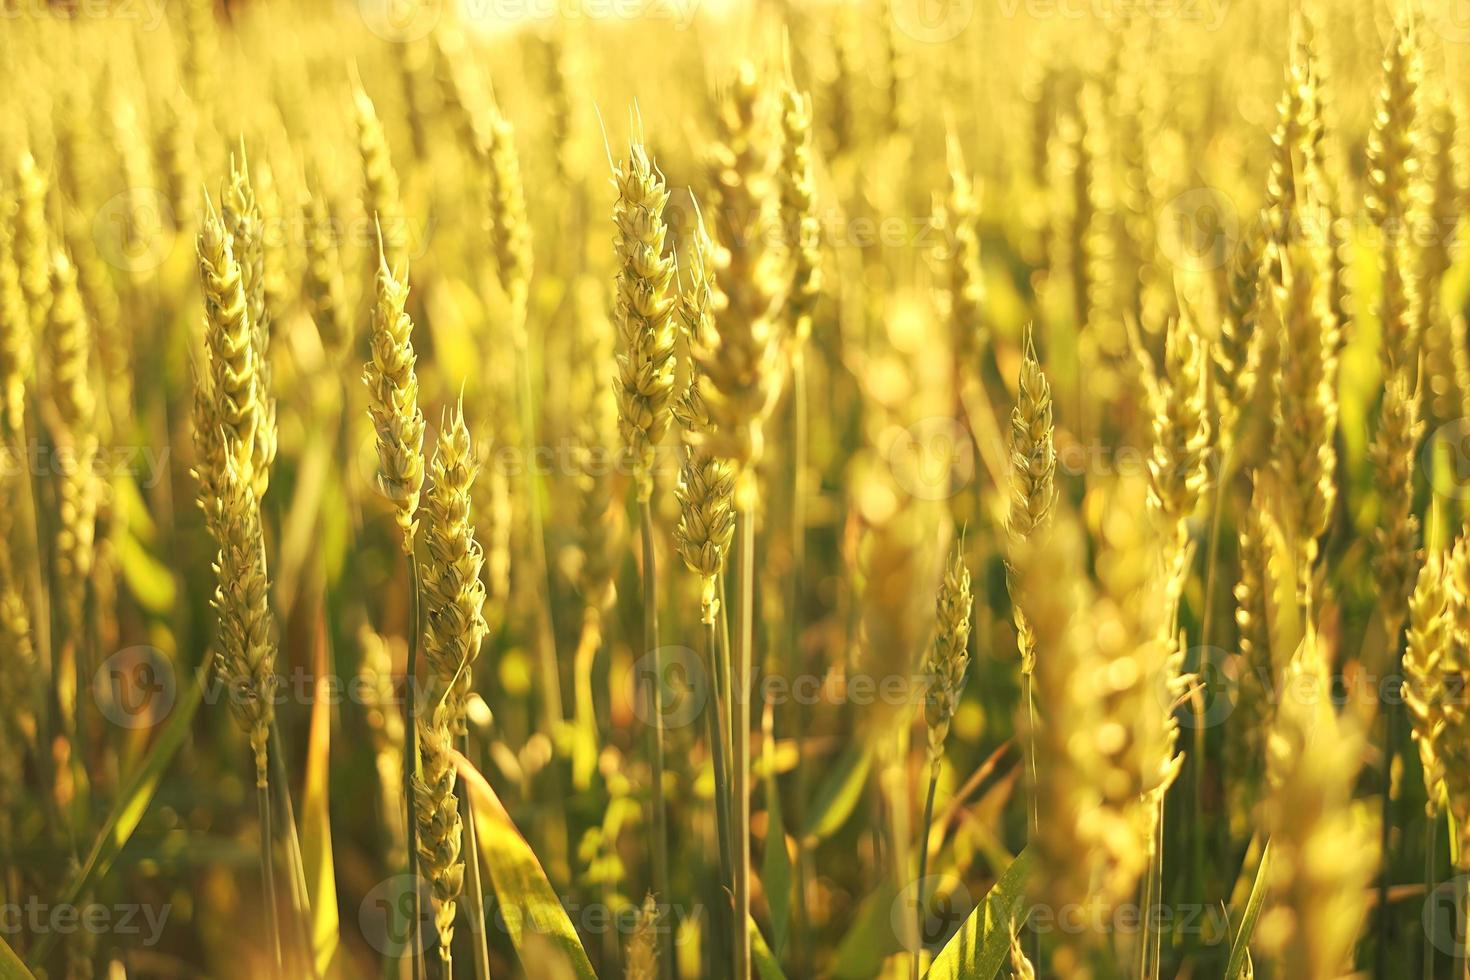 campo de trigo en el sol. foto